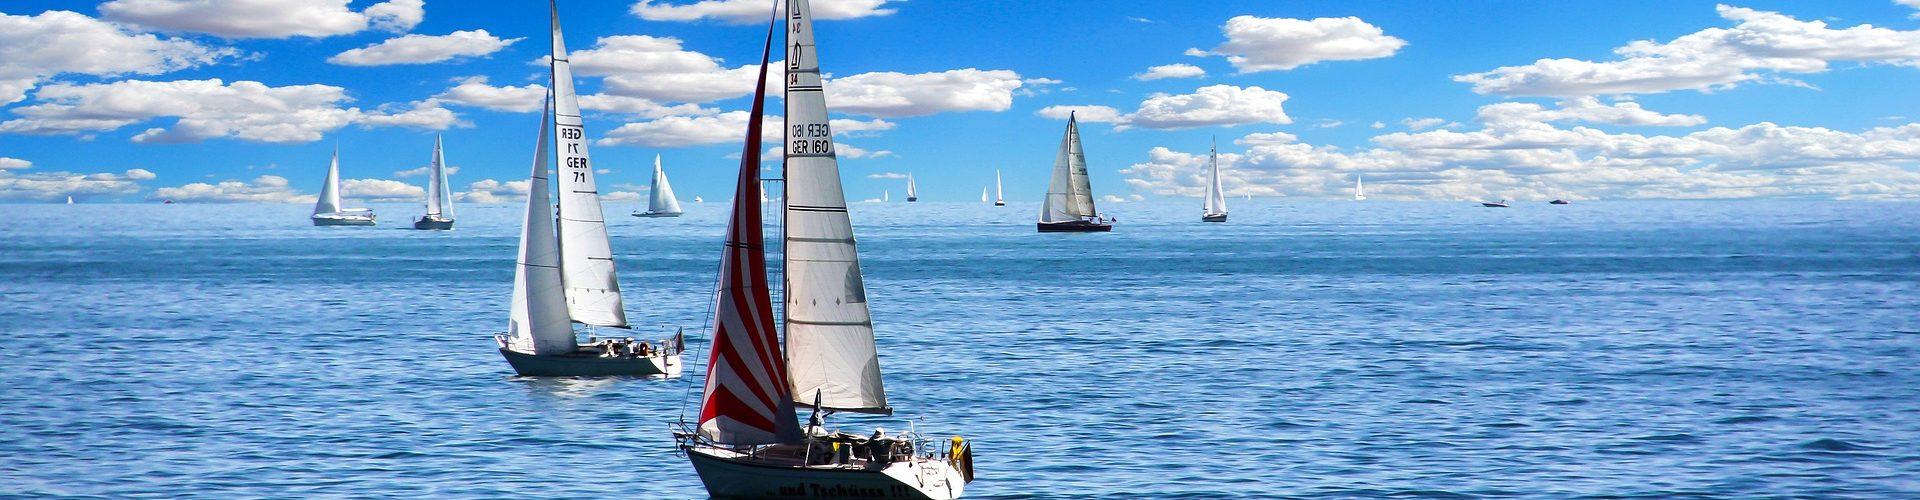 segeln lernen in Sonthofen segelschein machen in Sonthofen 1920x500 - Segeln lernen in Sonthofen